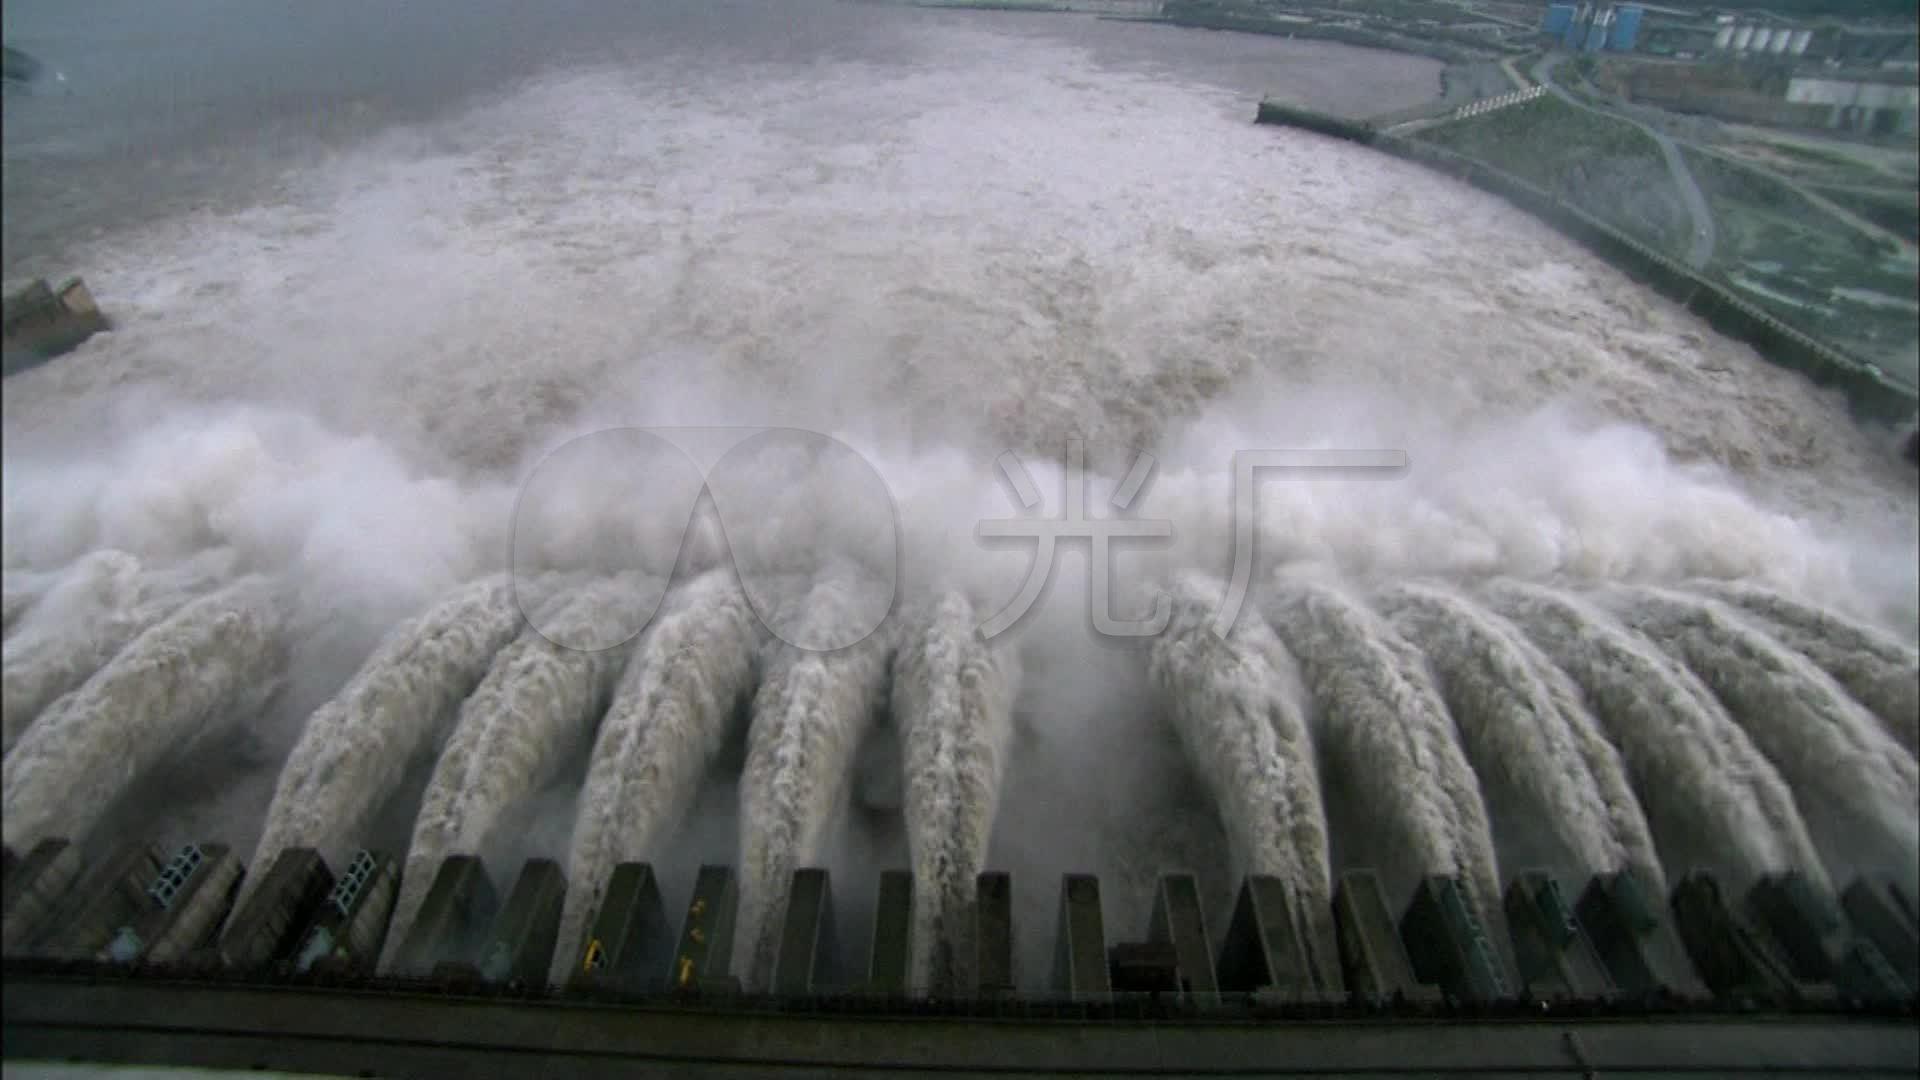 长江三峡大坝泄洪水力发电站视频_1920X108水坝975图片